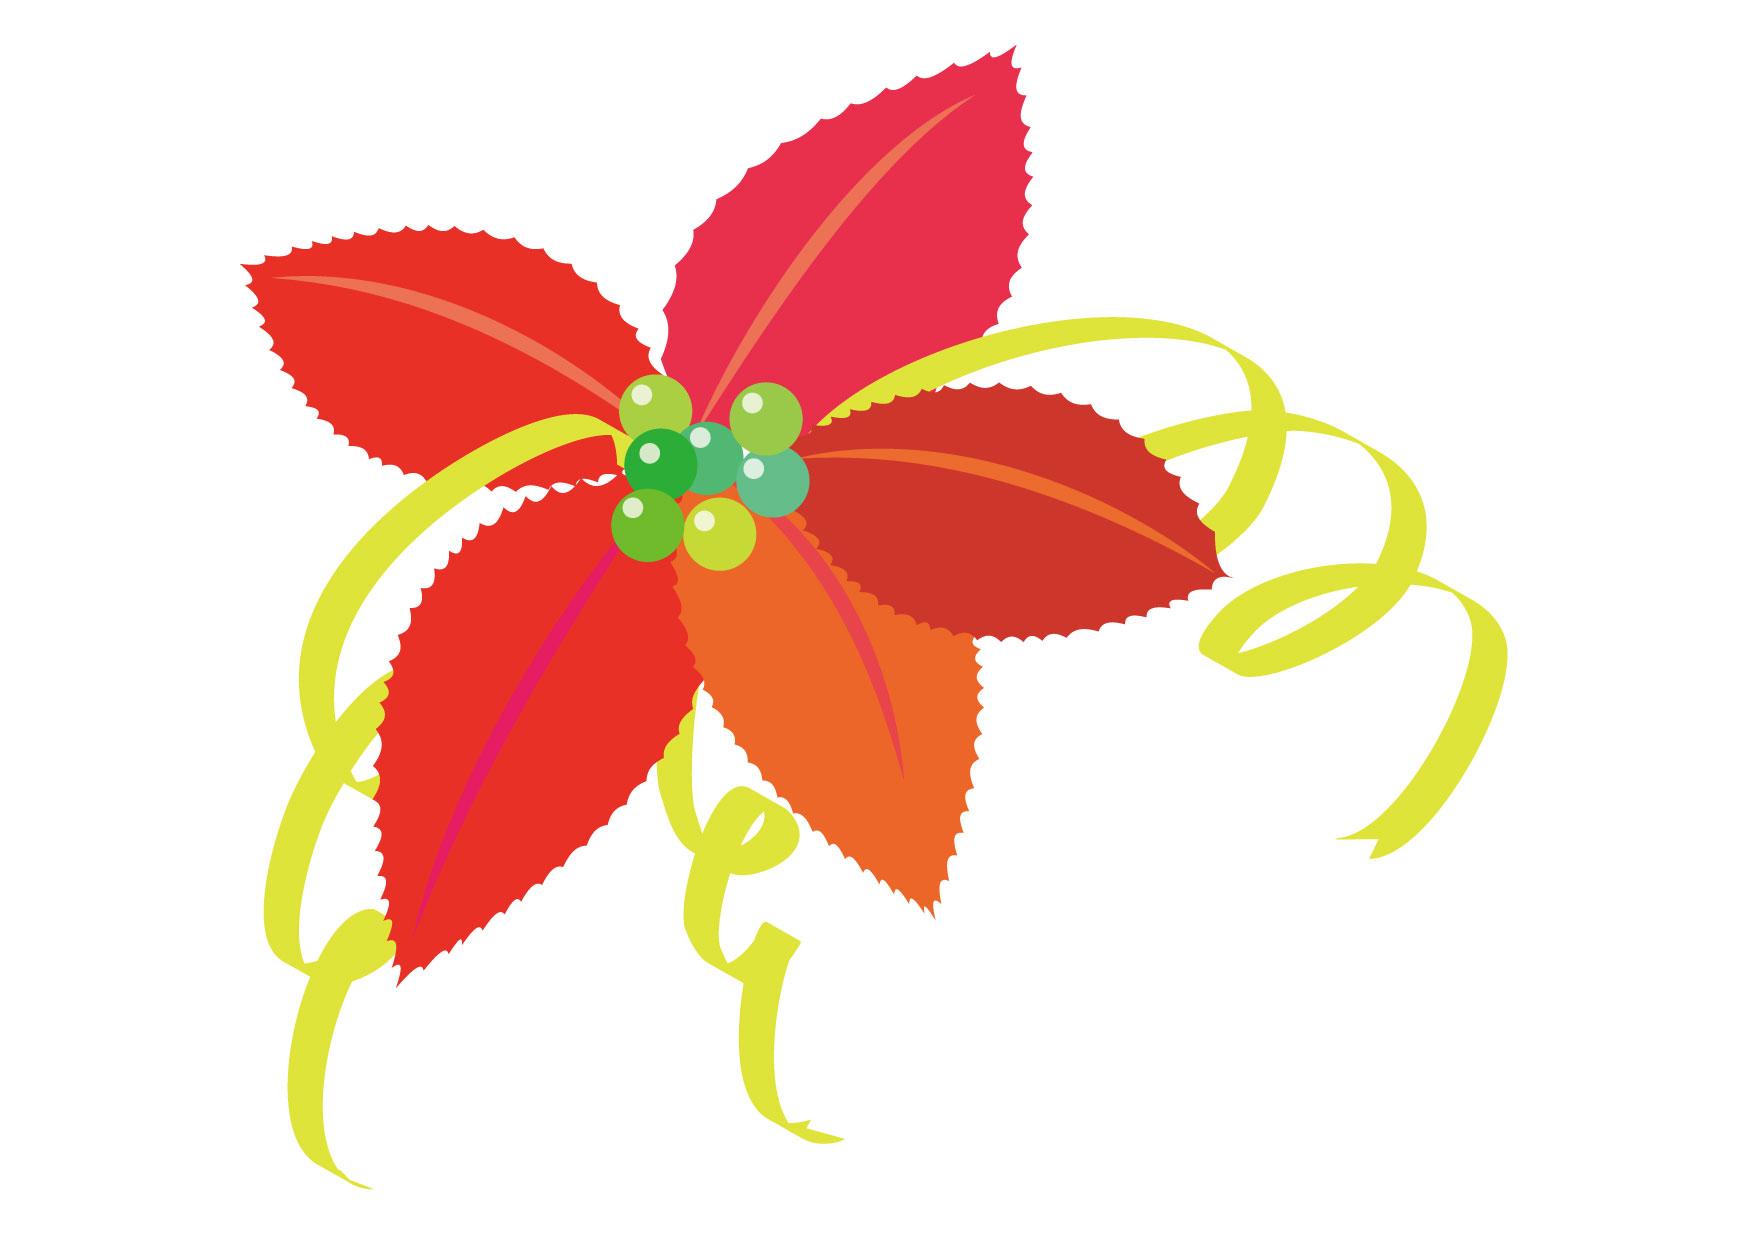 可愛いイラスト無料|ポインセチア 赤色 リボン − free illustration Poinsettia red ribbon